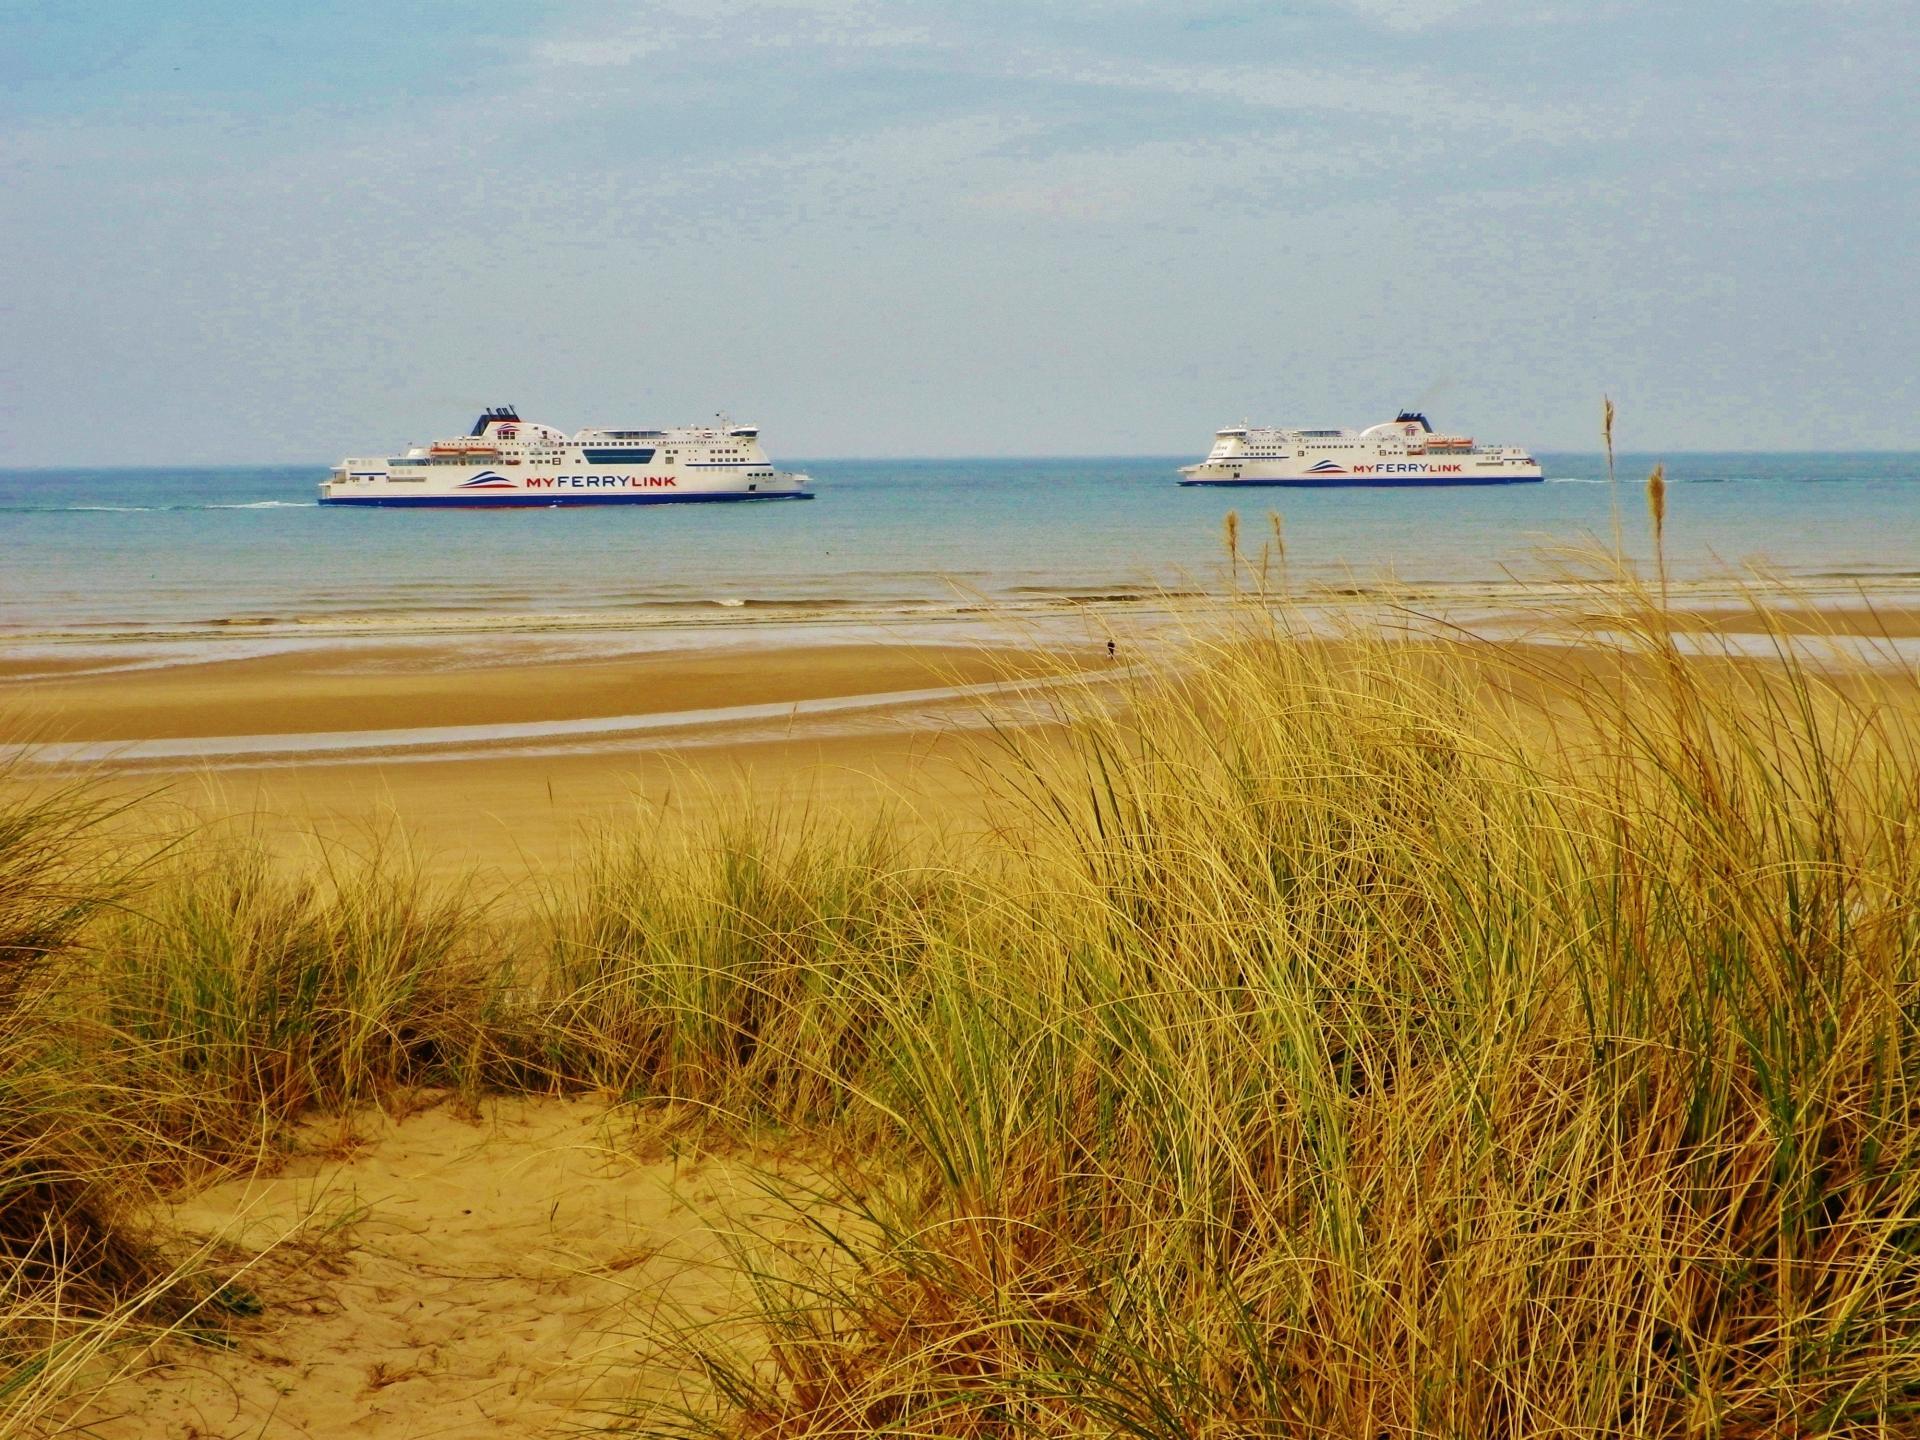 Plage de sangatte les dunes et la vue sur les bateaux